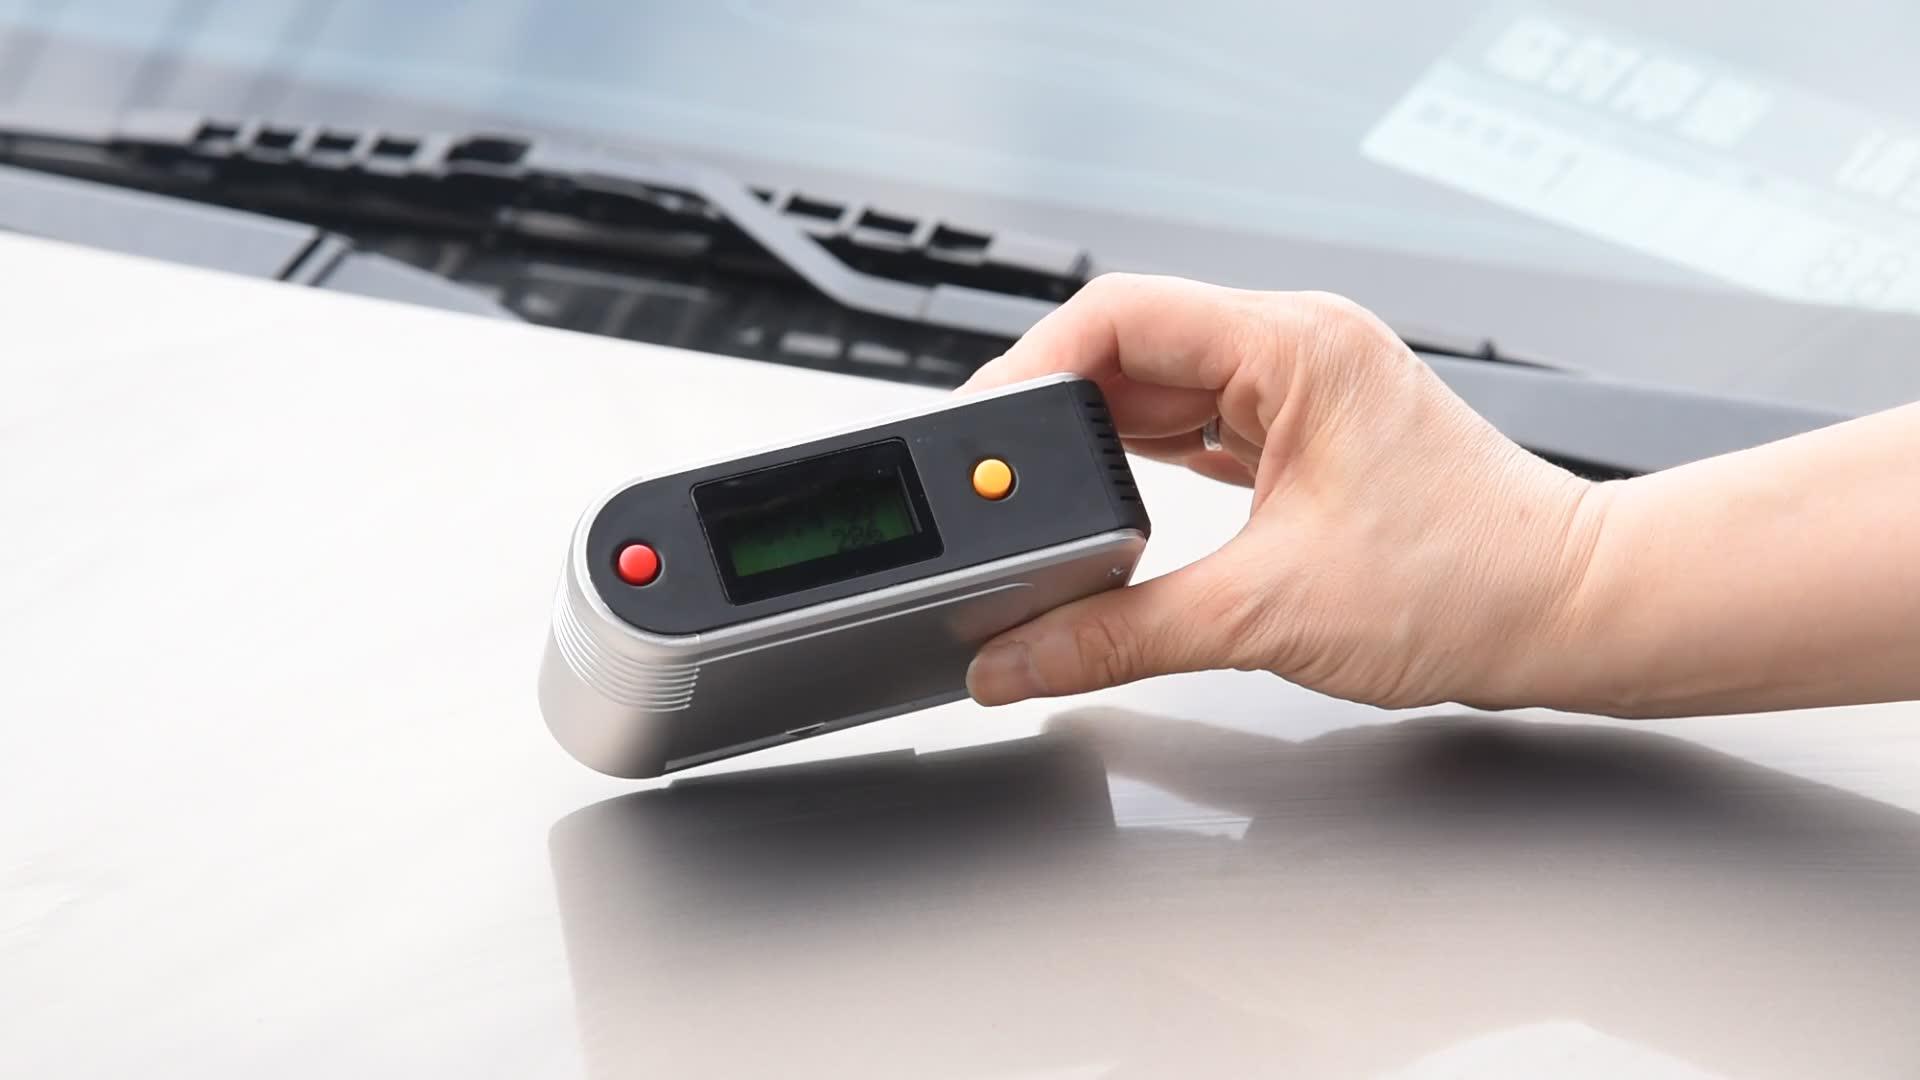 Yüksek Hassasiyetli lcd ekran parlaklık ölçer Kağıt, Yüzey Parlak Tester, ETB 0686 parlaklık ölçer Dijital Gossmeter